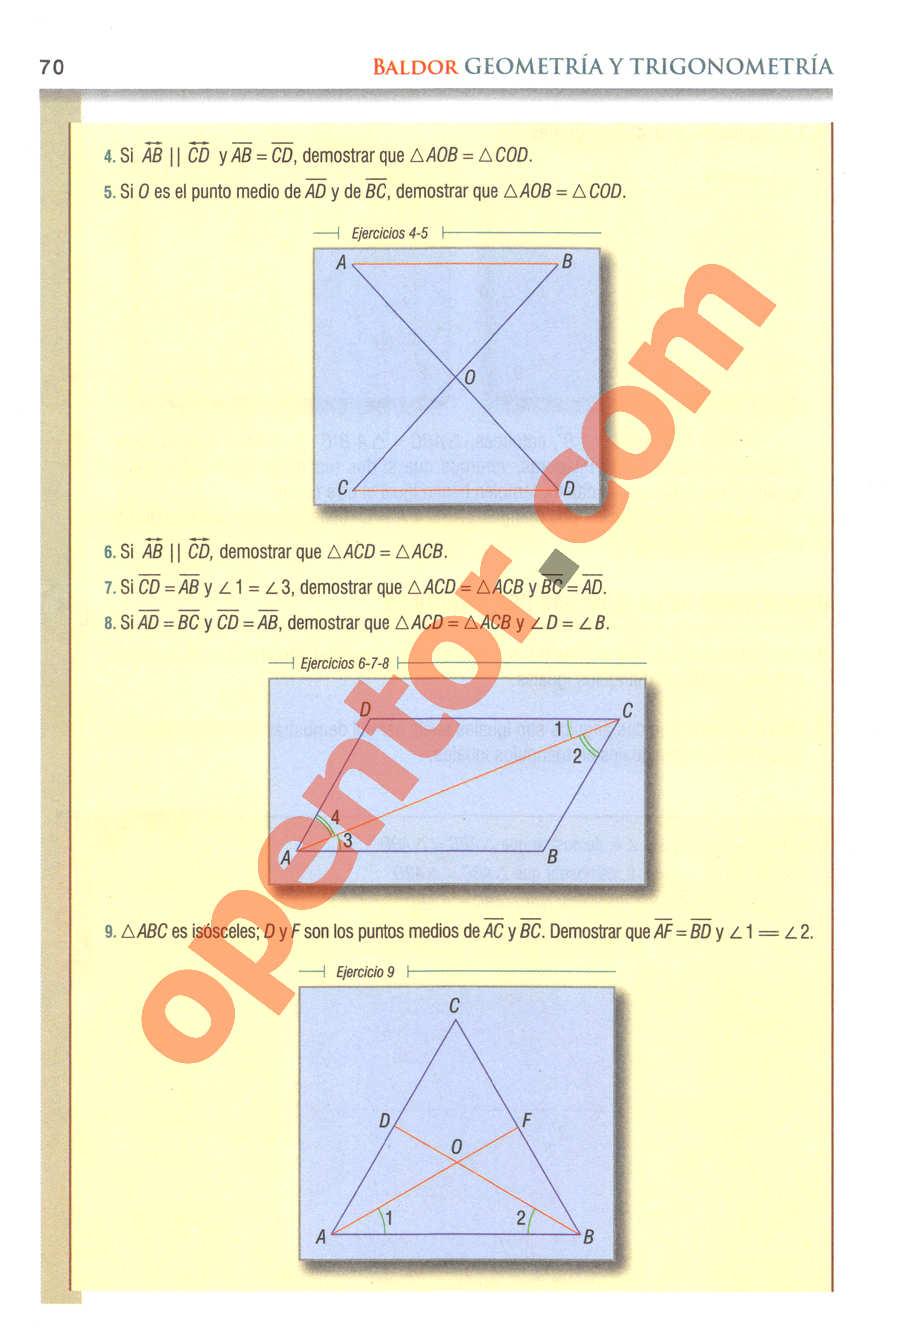 Geometría y Trigonometría de Baldor - Página 70